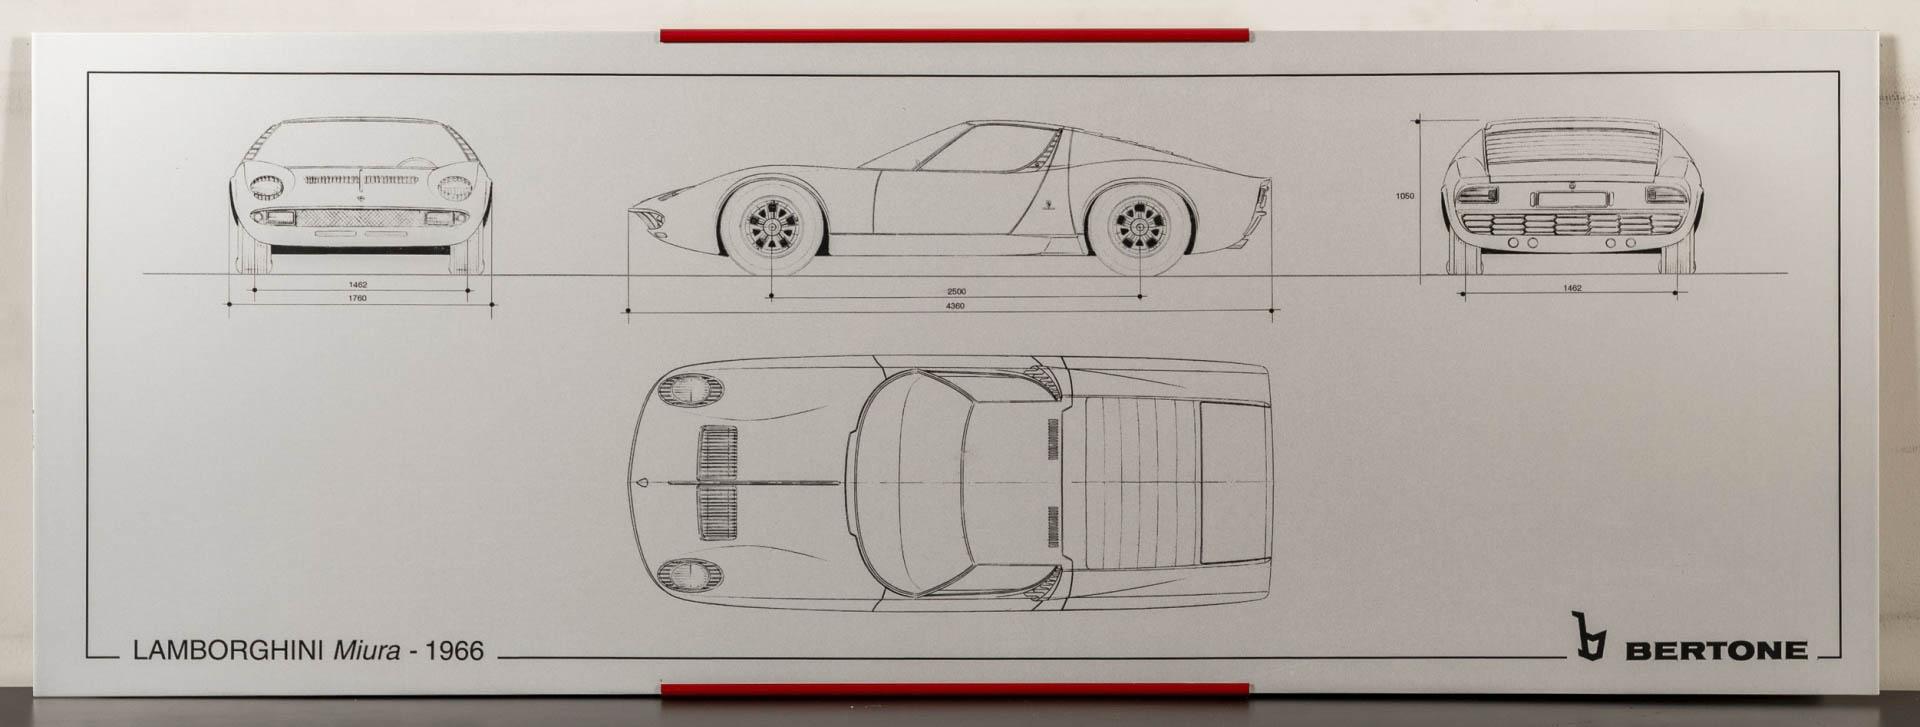 Lamborghini Miura silkscreen